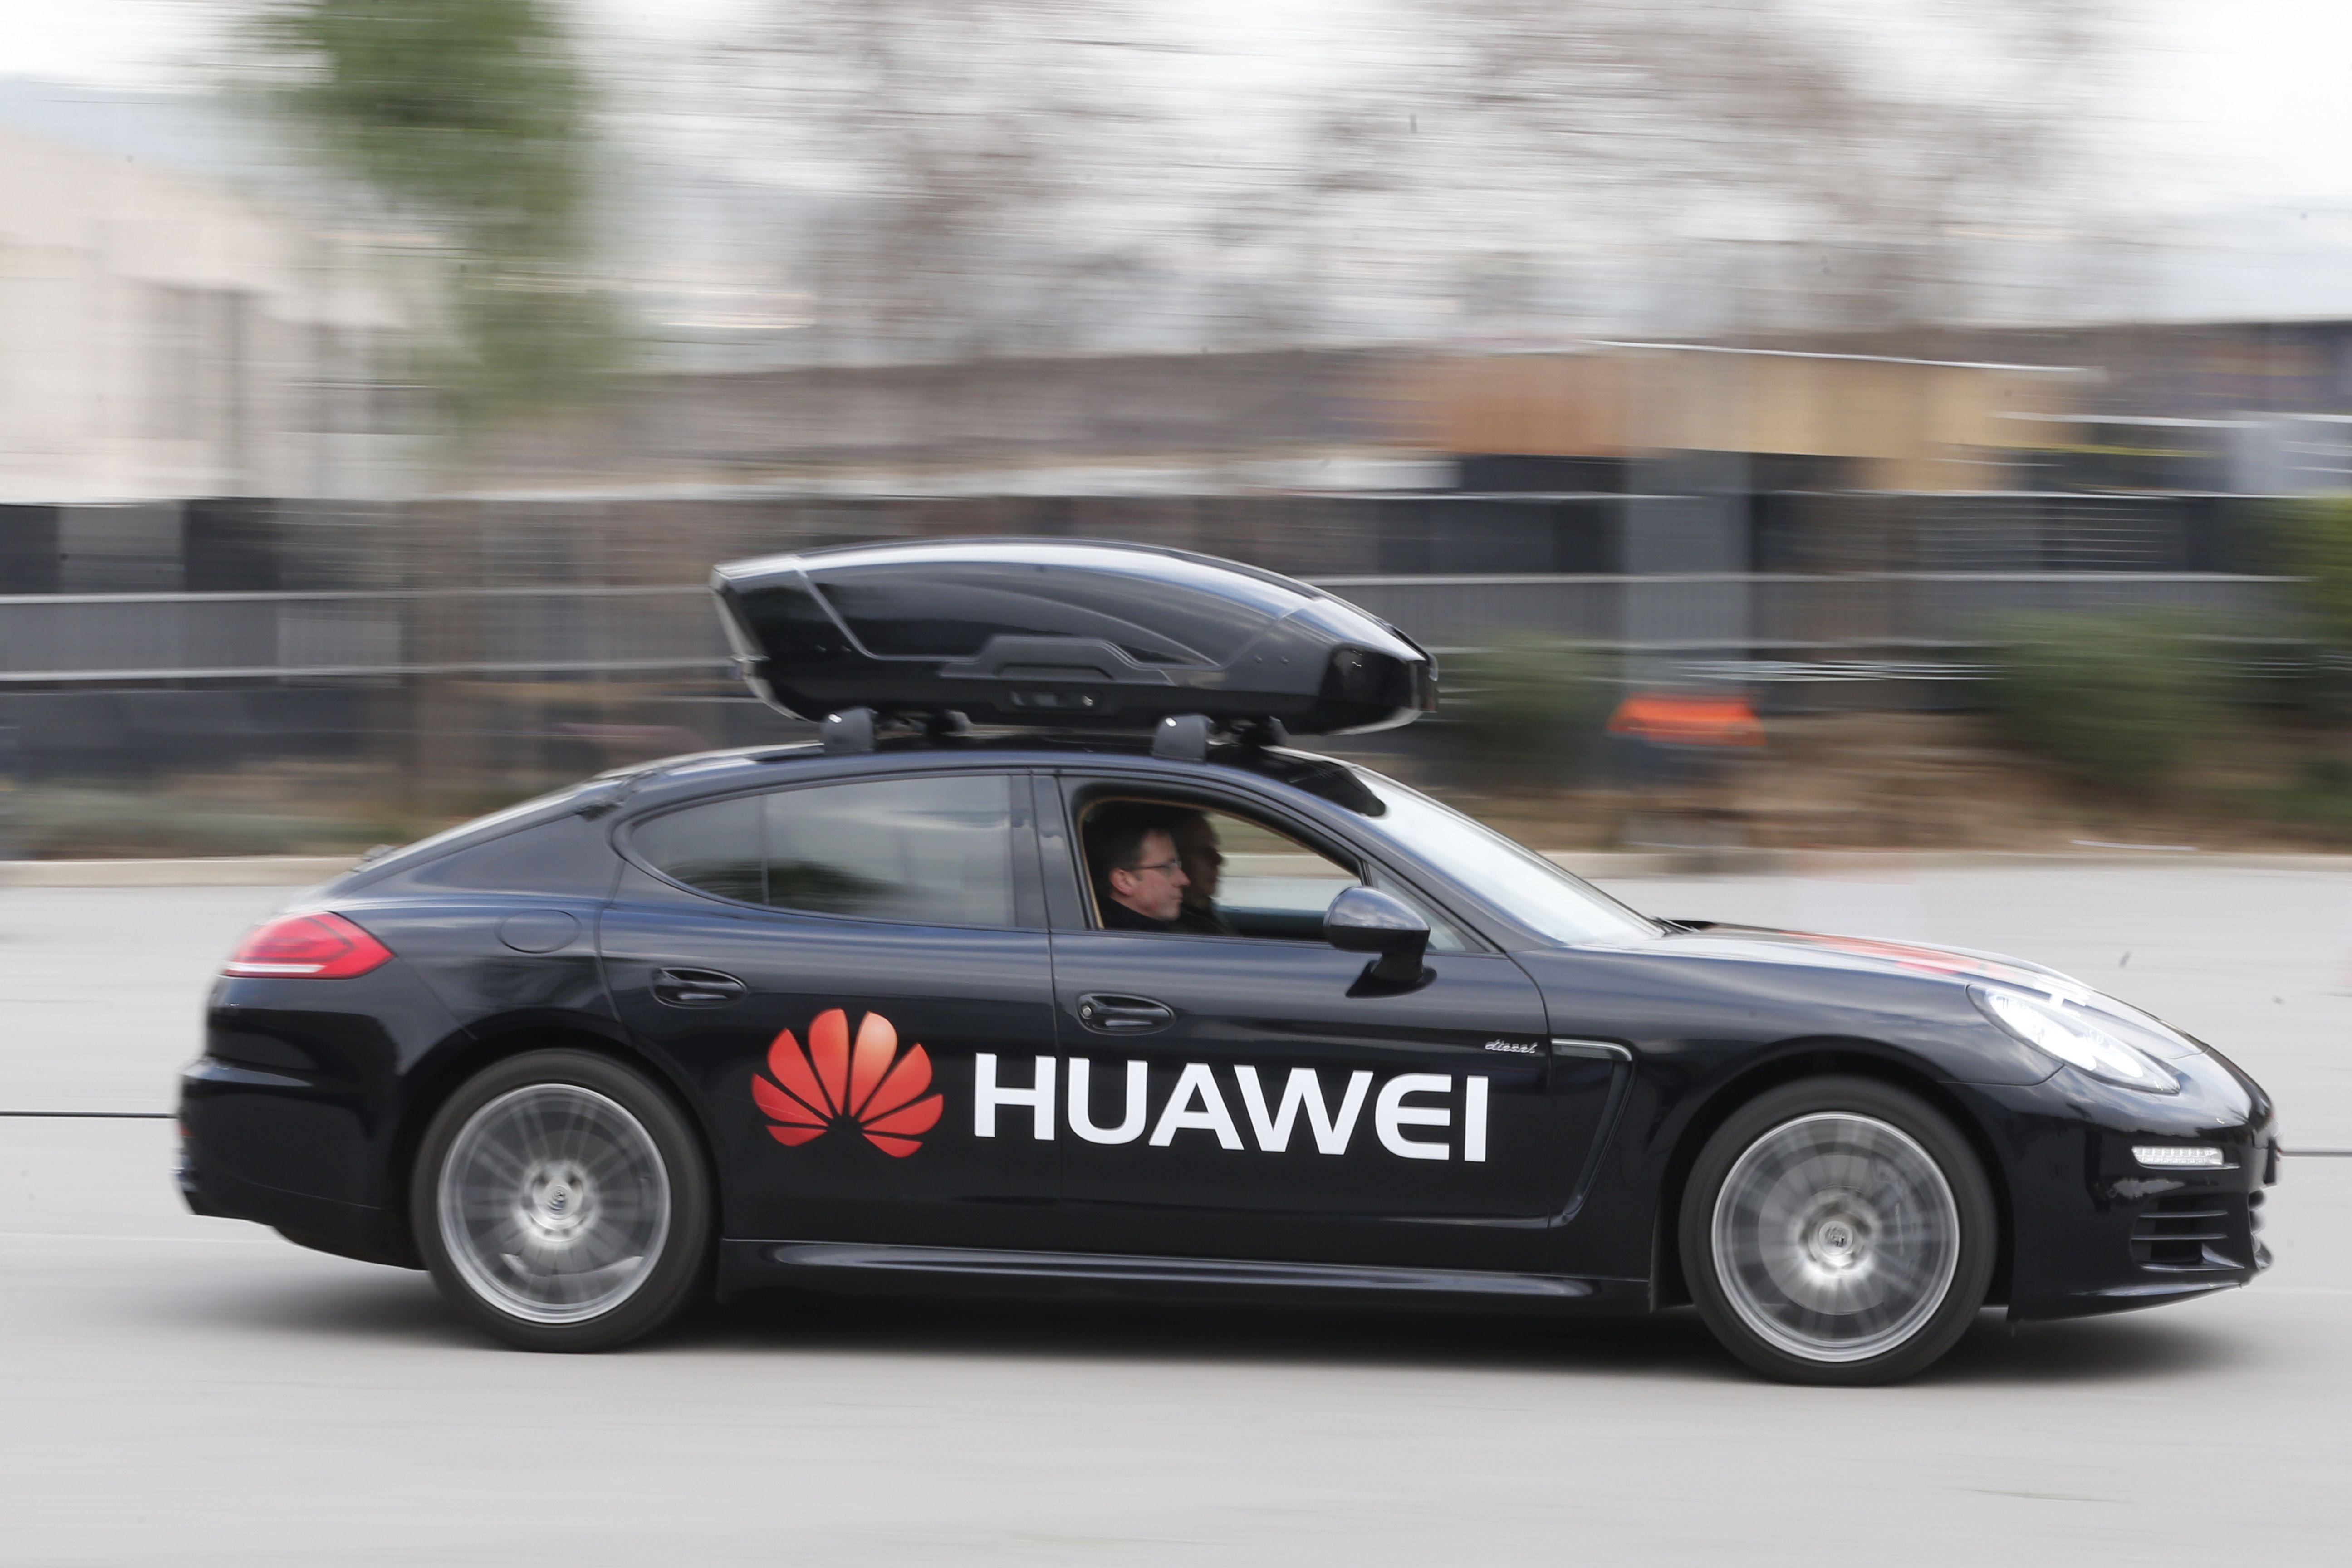 Con Huawei il telefonino sale in macchina, e la guida da solo